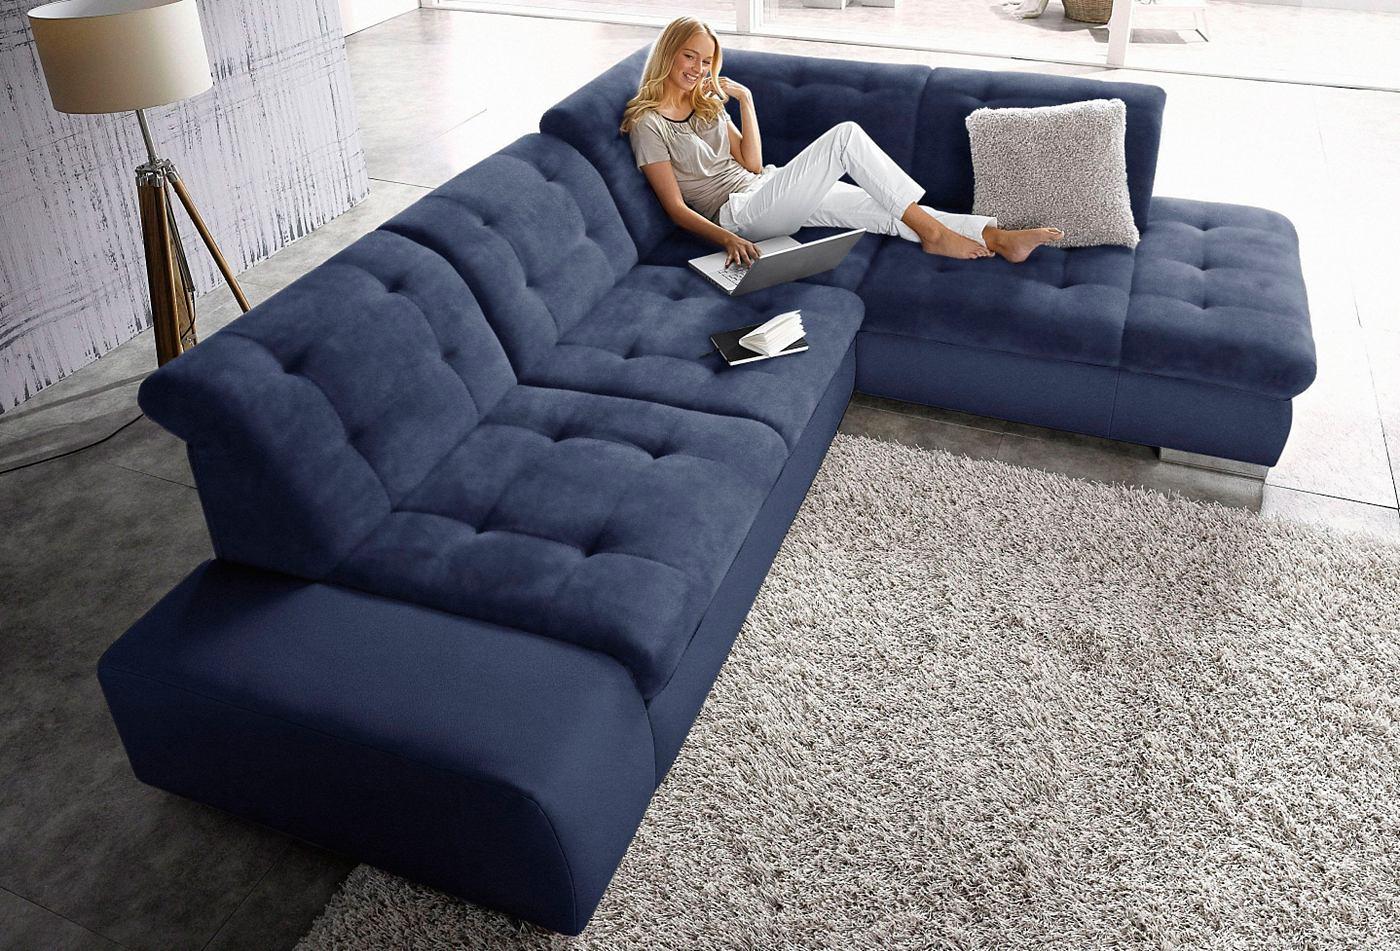 Hoekbank Met Led Verlichting.Bankstel Led Nieuwe Ontwerp Meubelsled Sofa Outdoor En Indoor Night